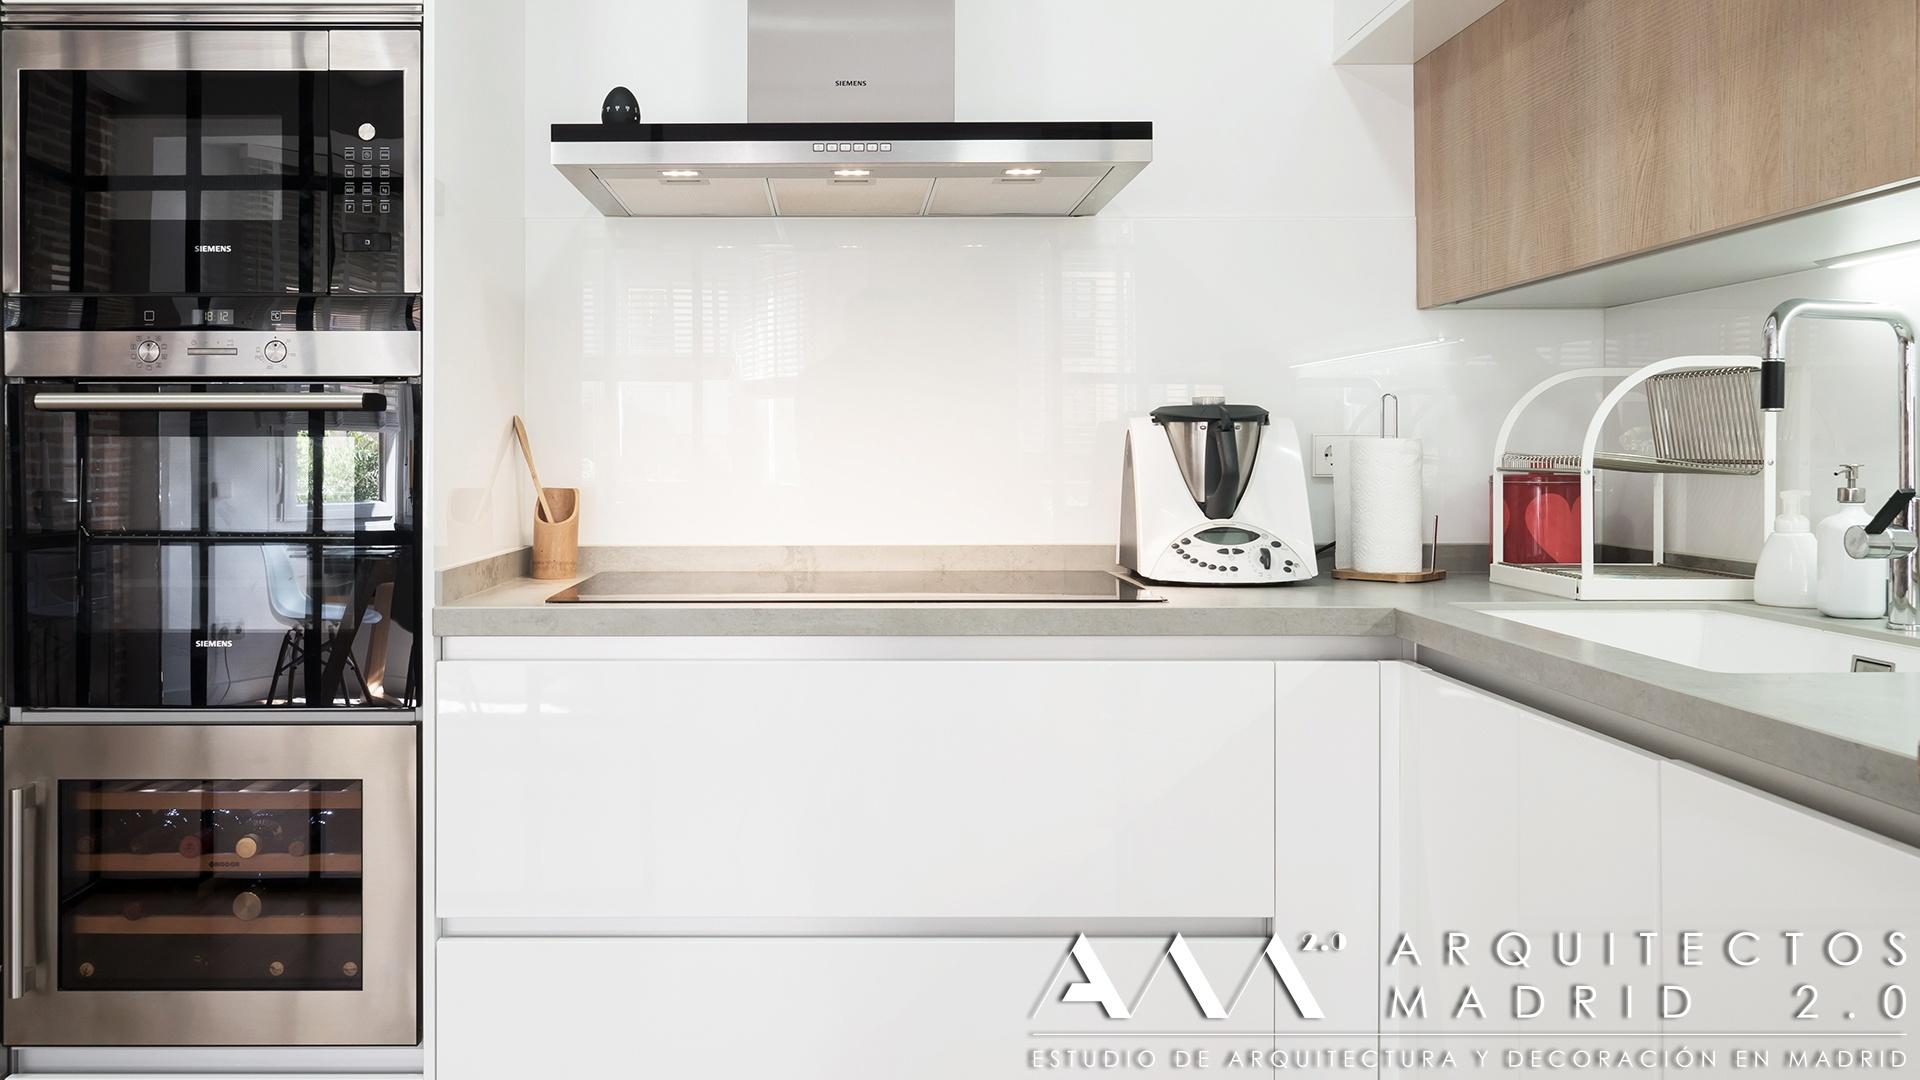 consejos-ideas-reformas-integrales-reformar-casa-salon-cocina-dormitorio-reforma-hogar-interior-decoracion-01